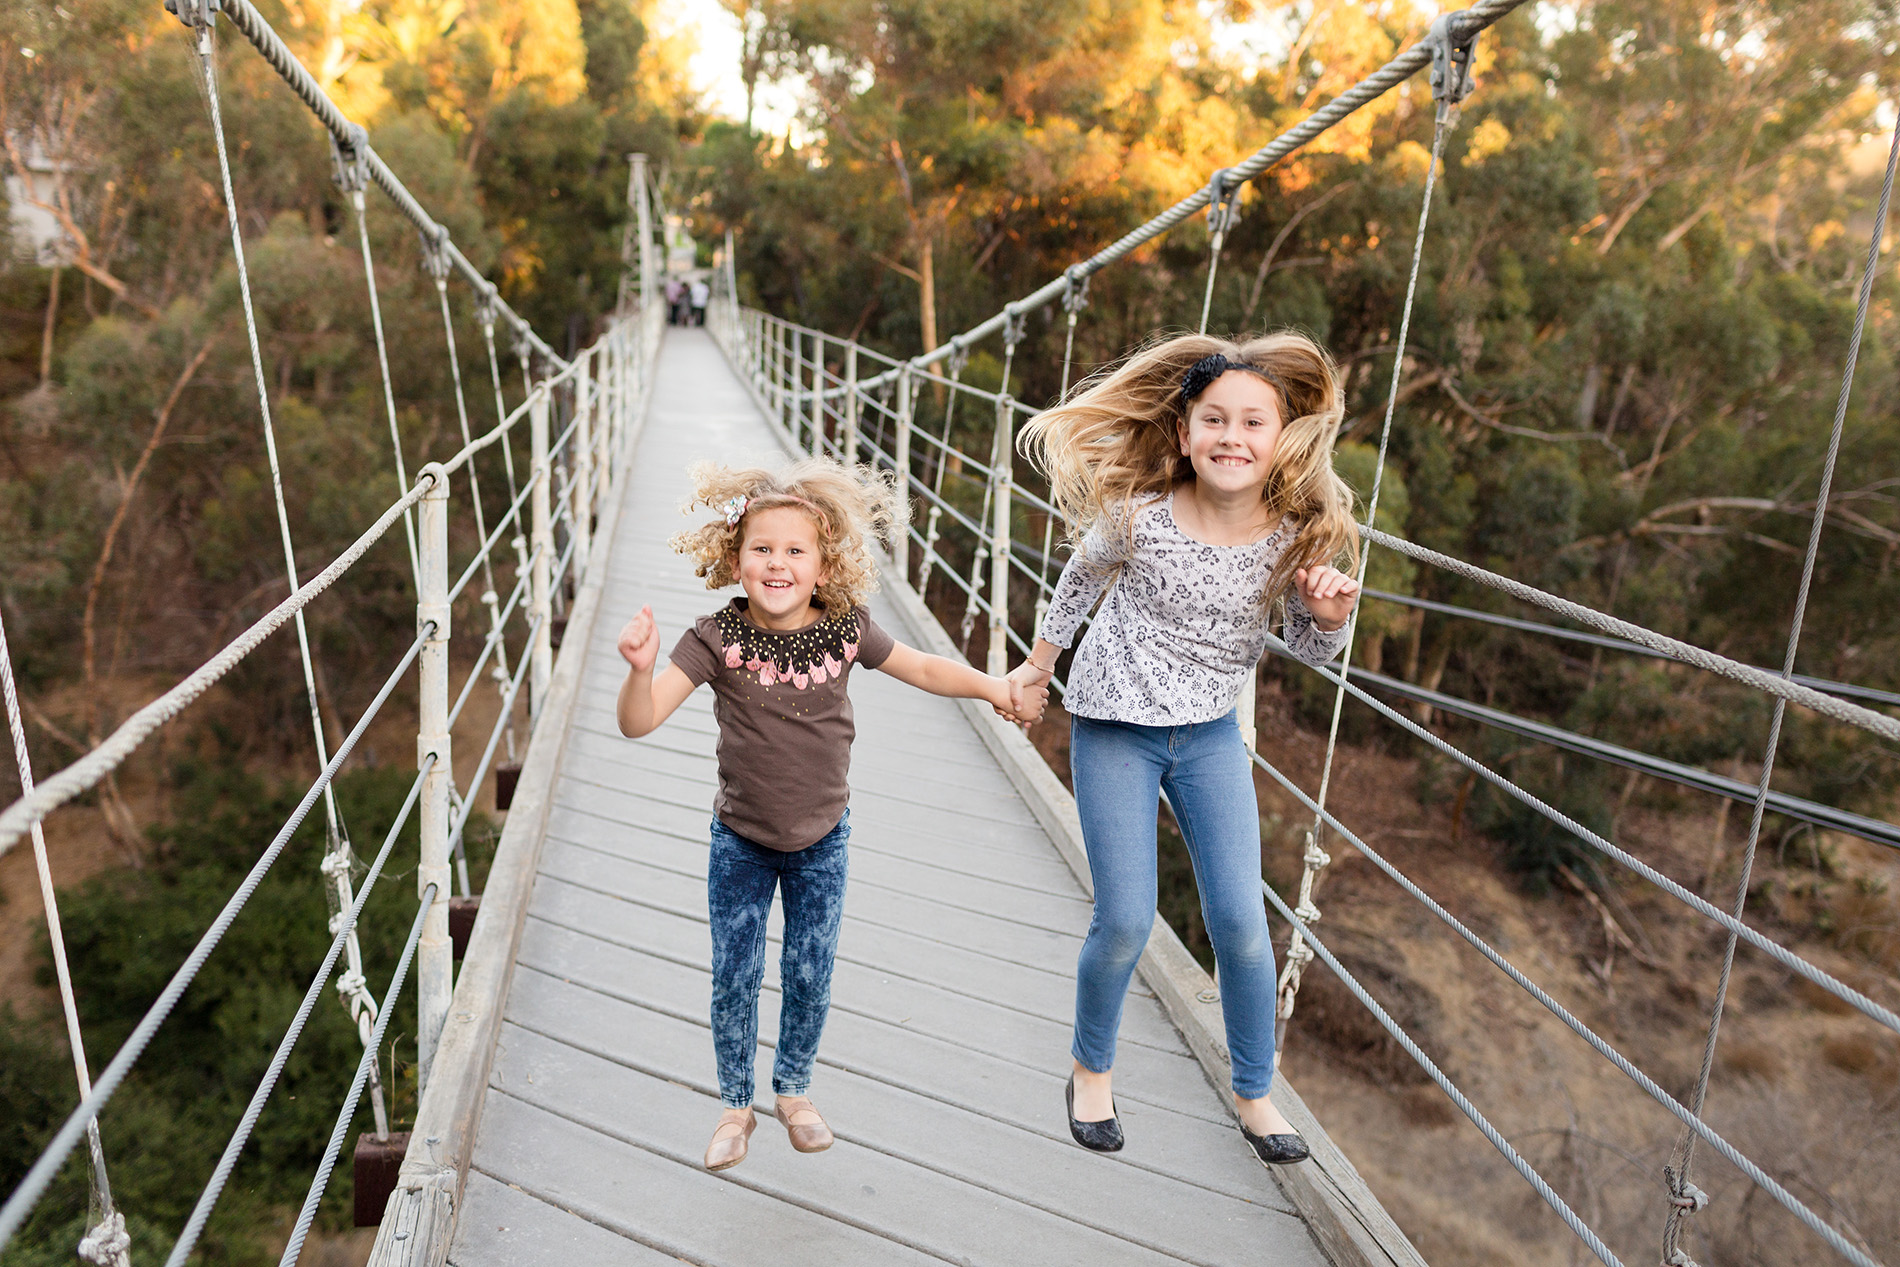 San Diego Family Photographer Christine Dammann Photography SFWS46.jpg